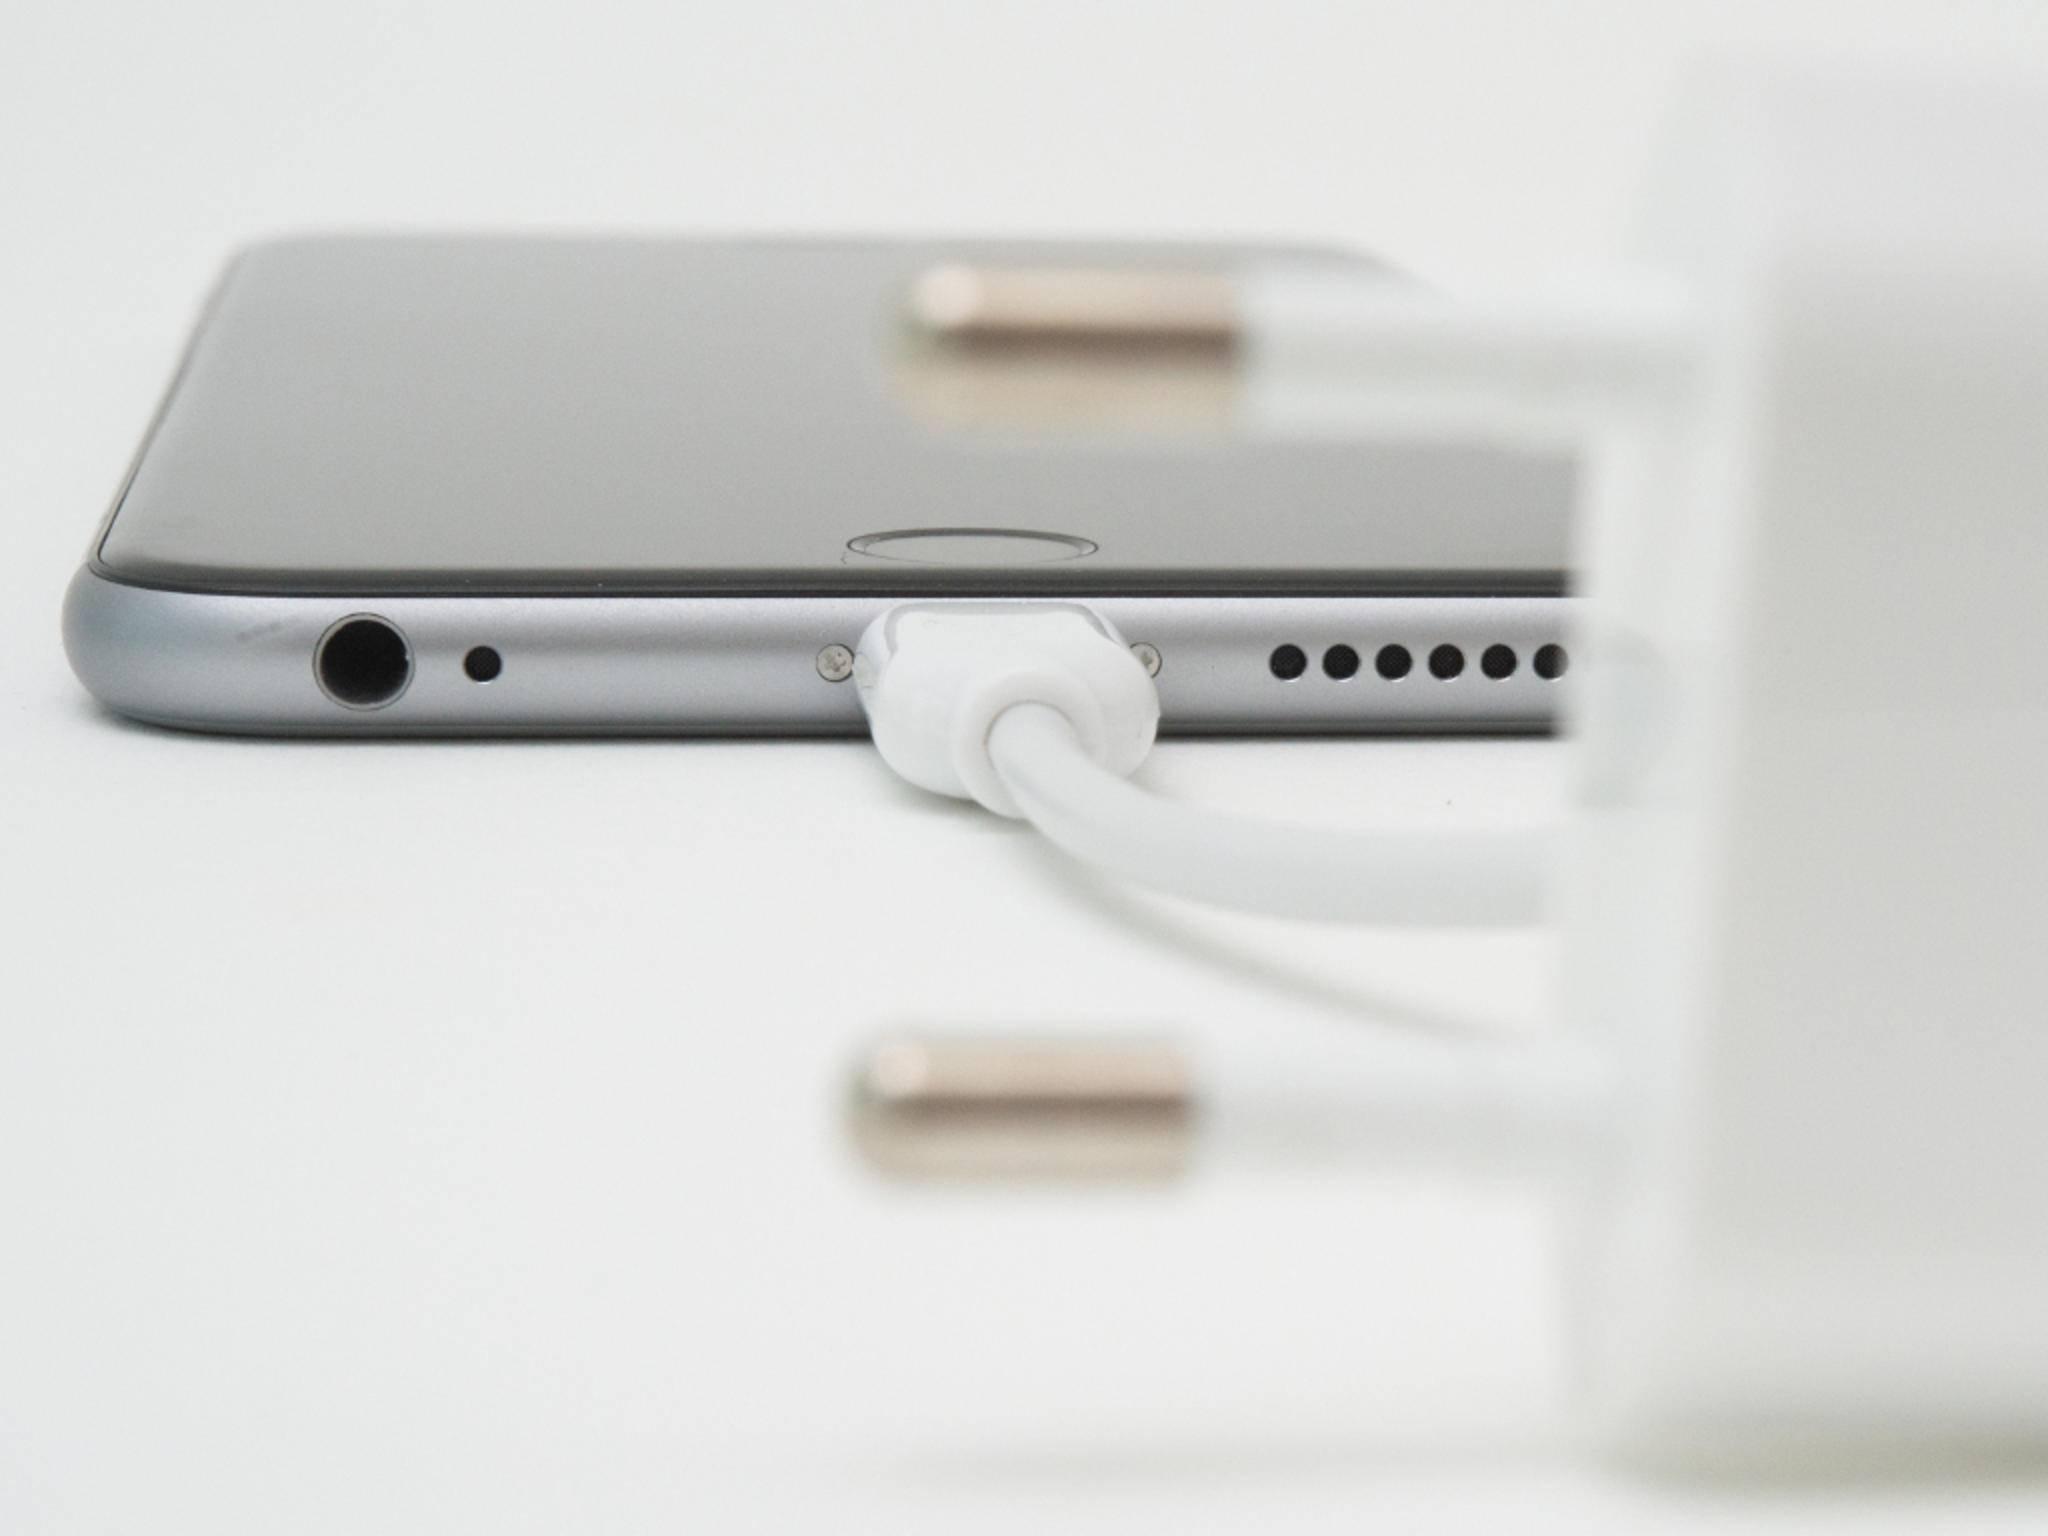 Ganz einfach: Hat Dein iPhone einen Lightning-Anschluss, unterstützt es auch CarPlay.